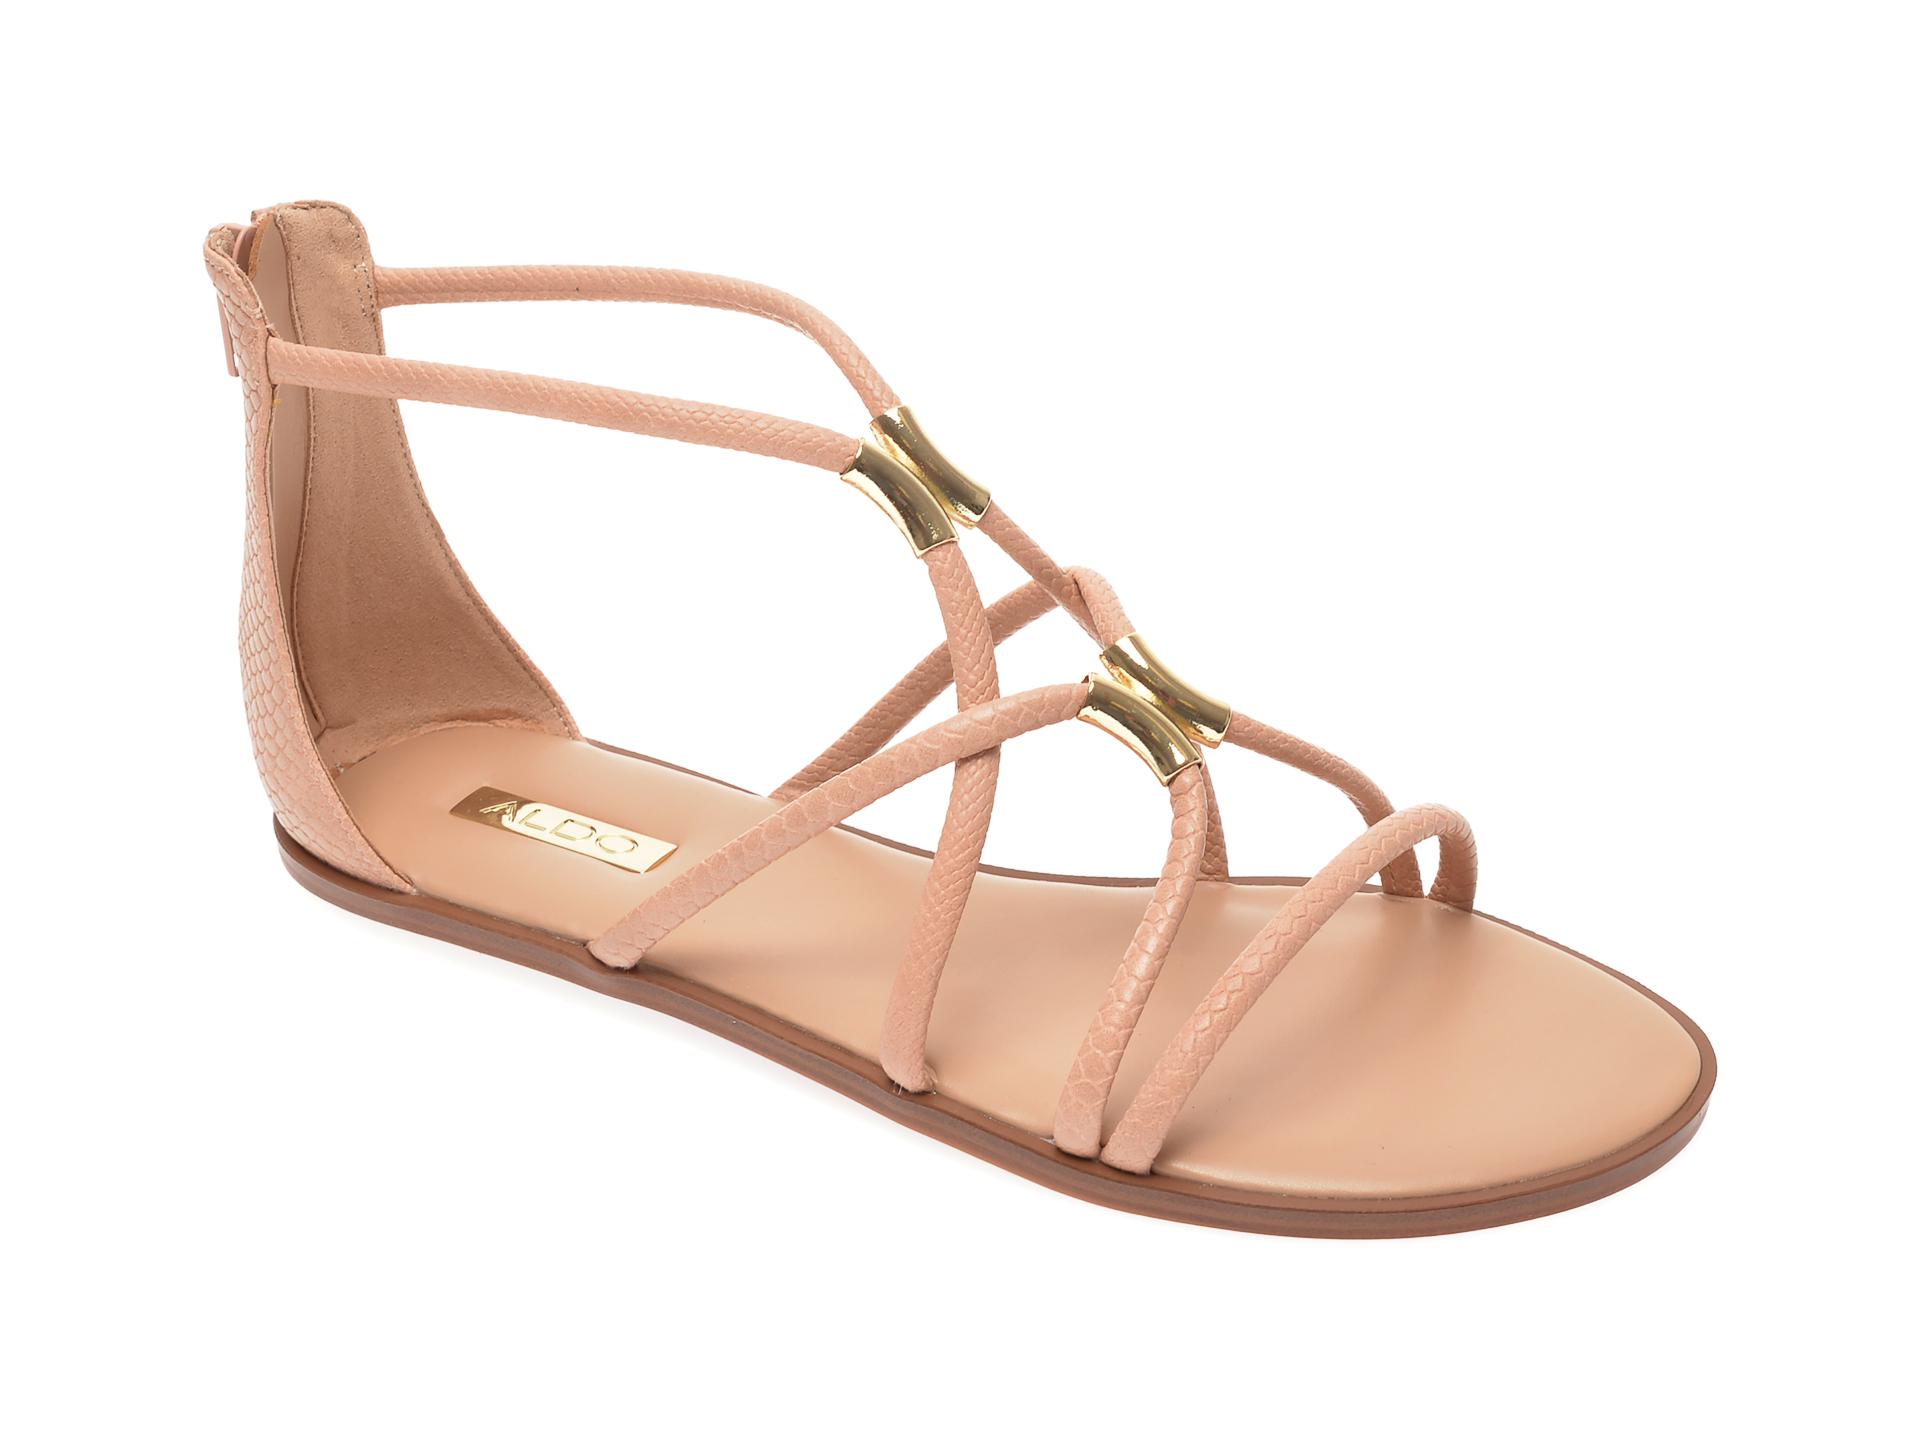 Sandale ALDO nude, Pozoa270, din piele ecologica